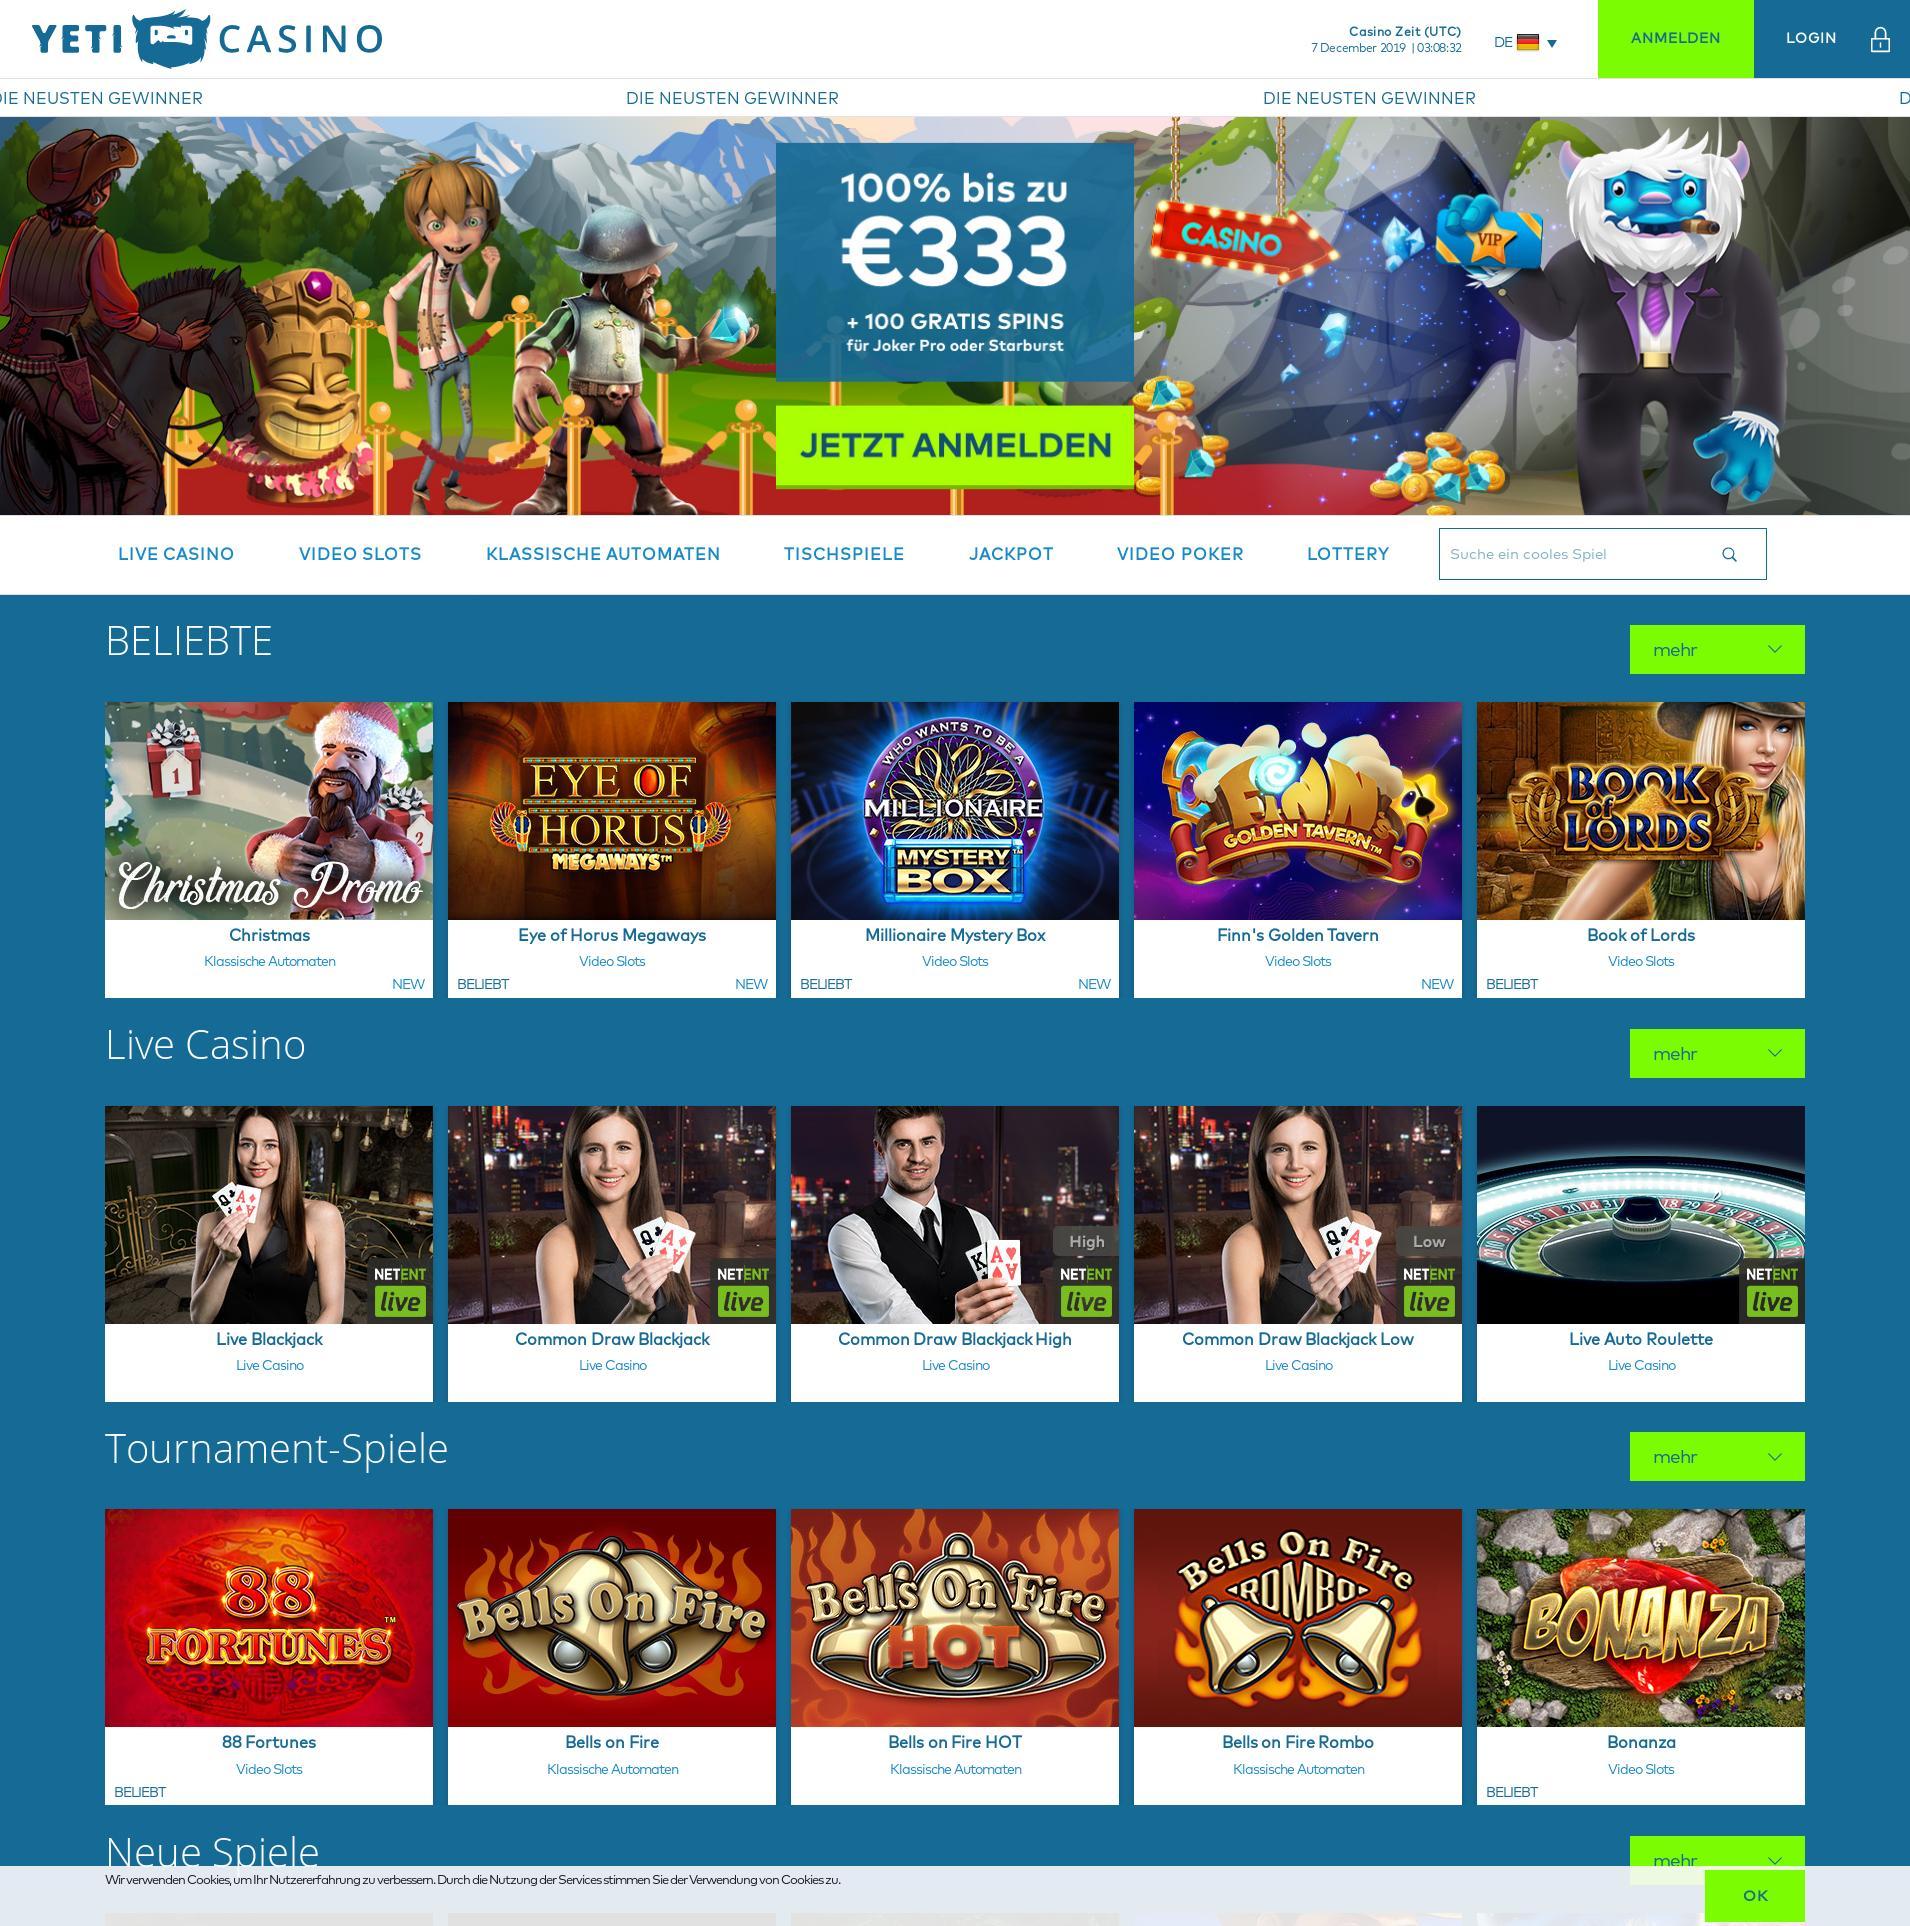 Casino Bildschirm Lobby 2019-12-07 zum Deutschland